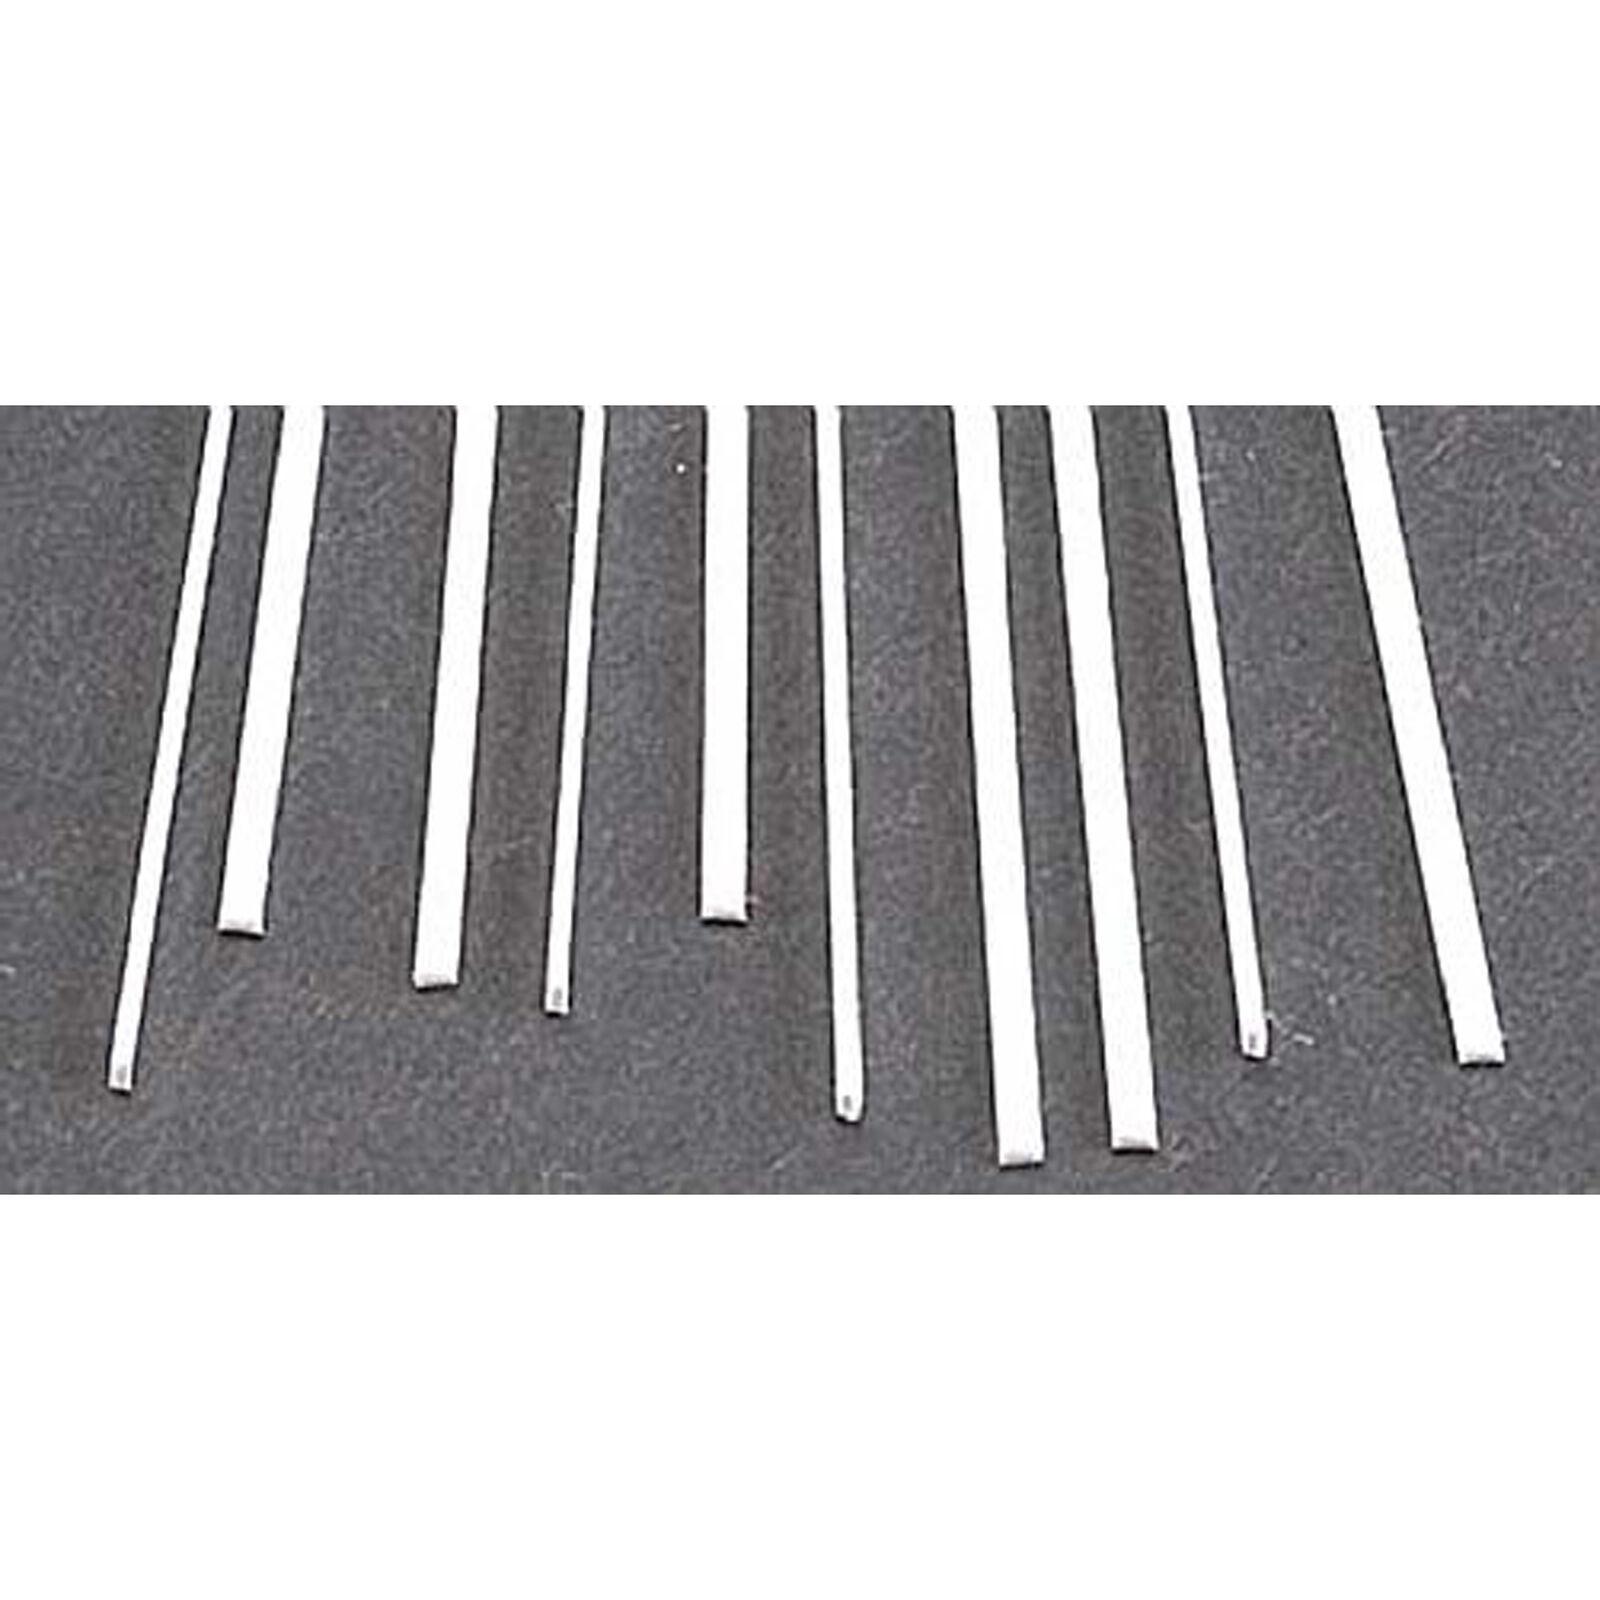 MS-304 Rect Strip,.030x.040 (10)